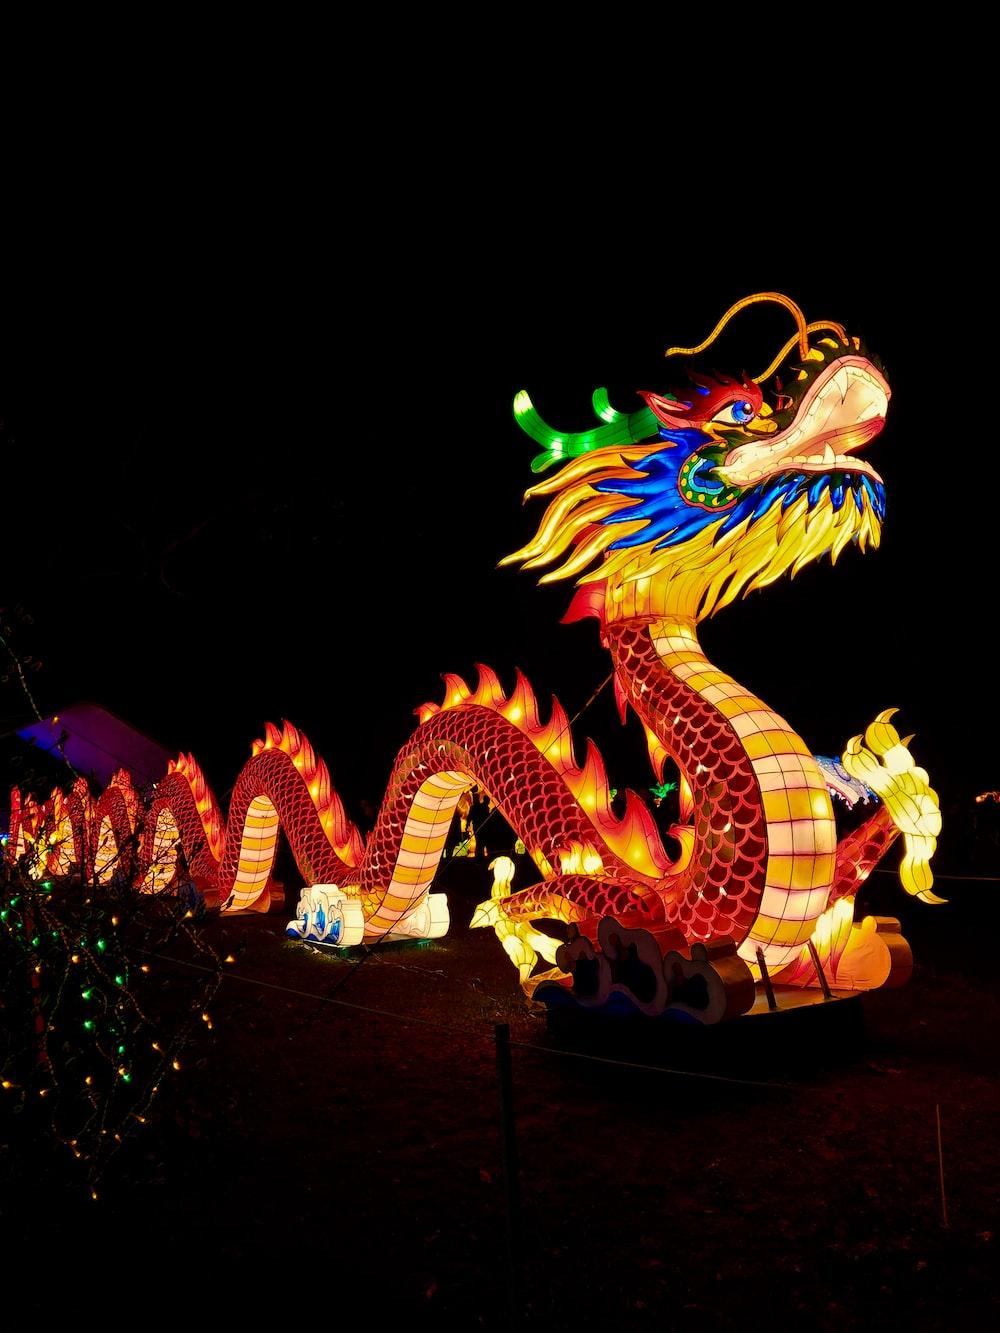 Dragon Wallpapers Free Hd Download 500 Hq Unsplash